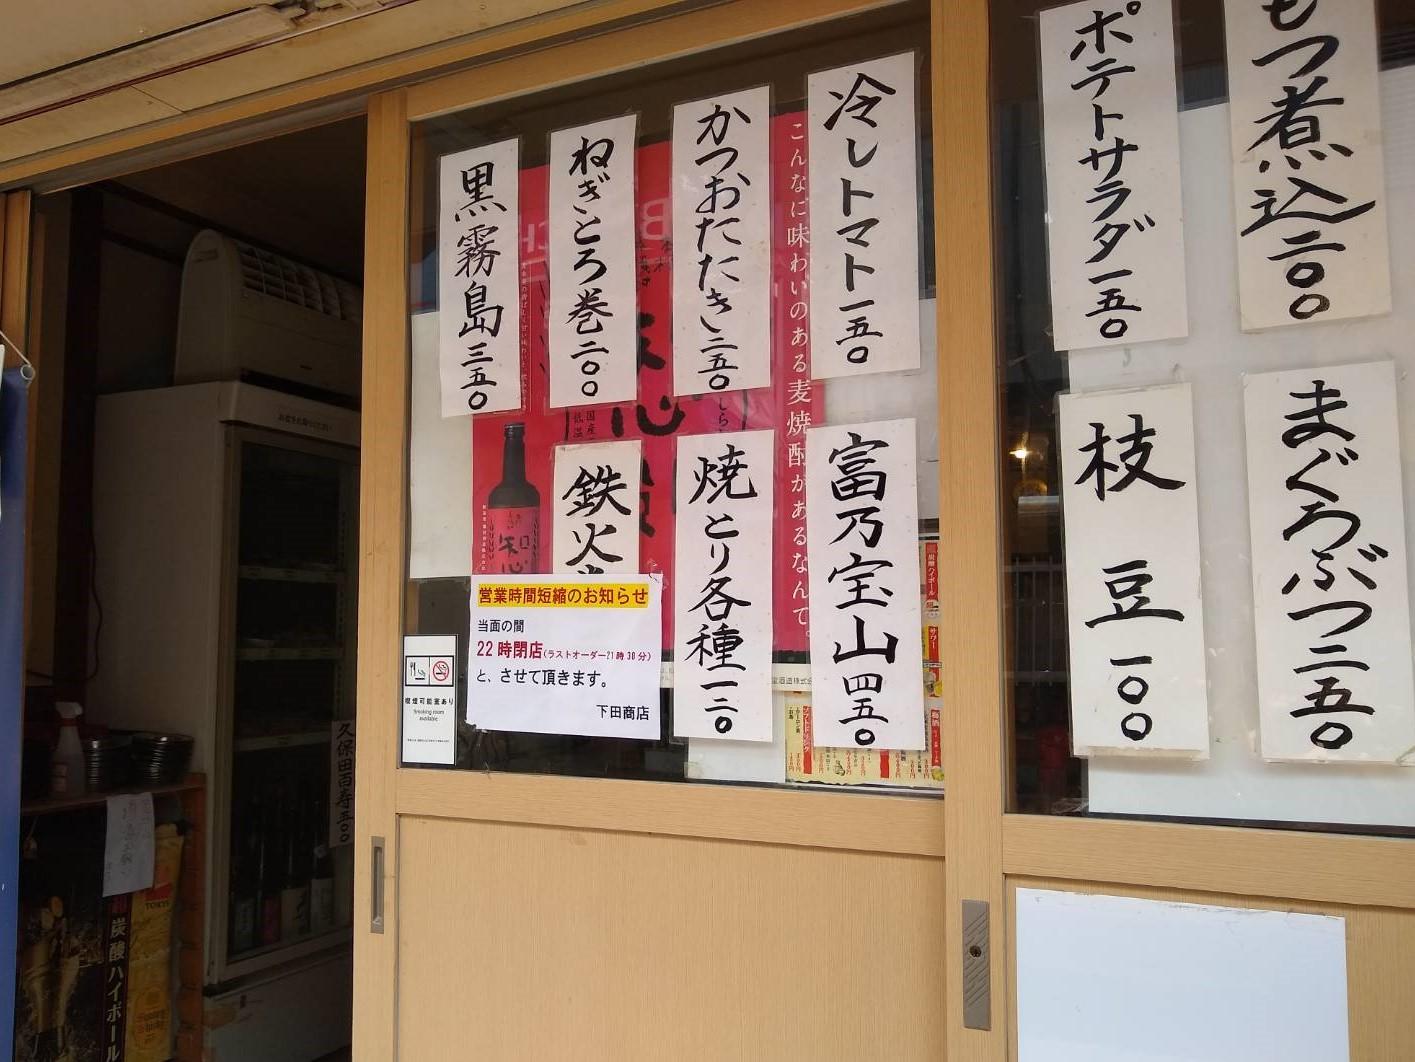 下田商店喫煙可